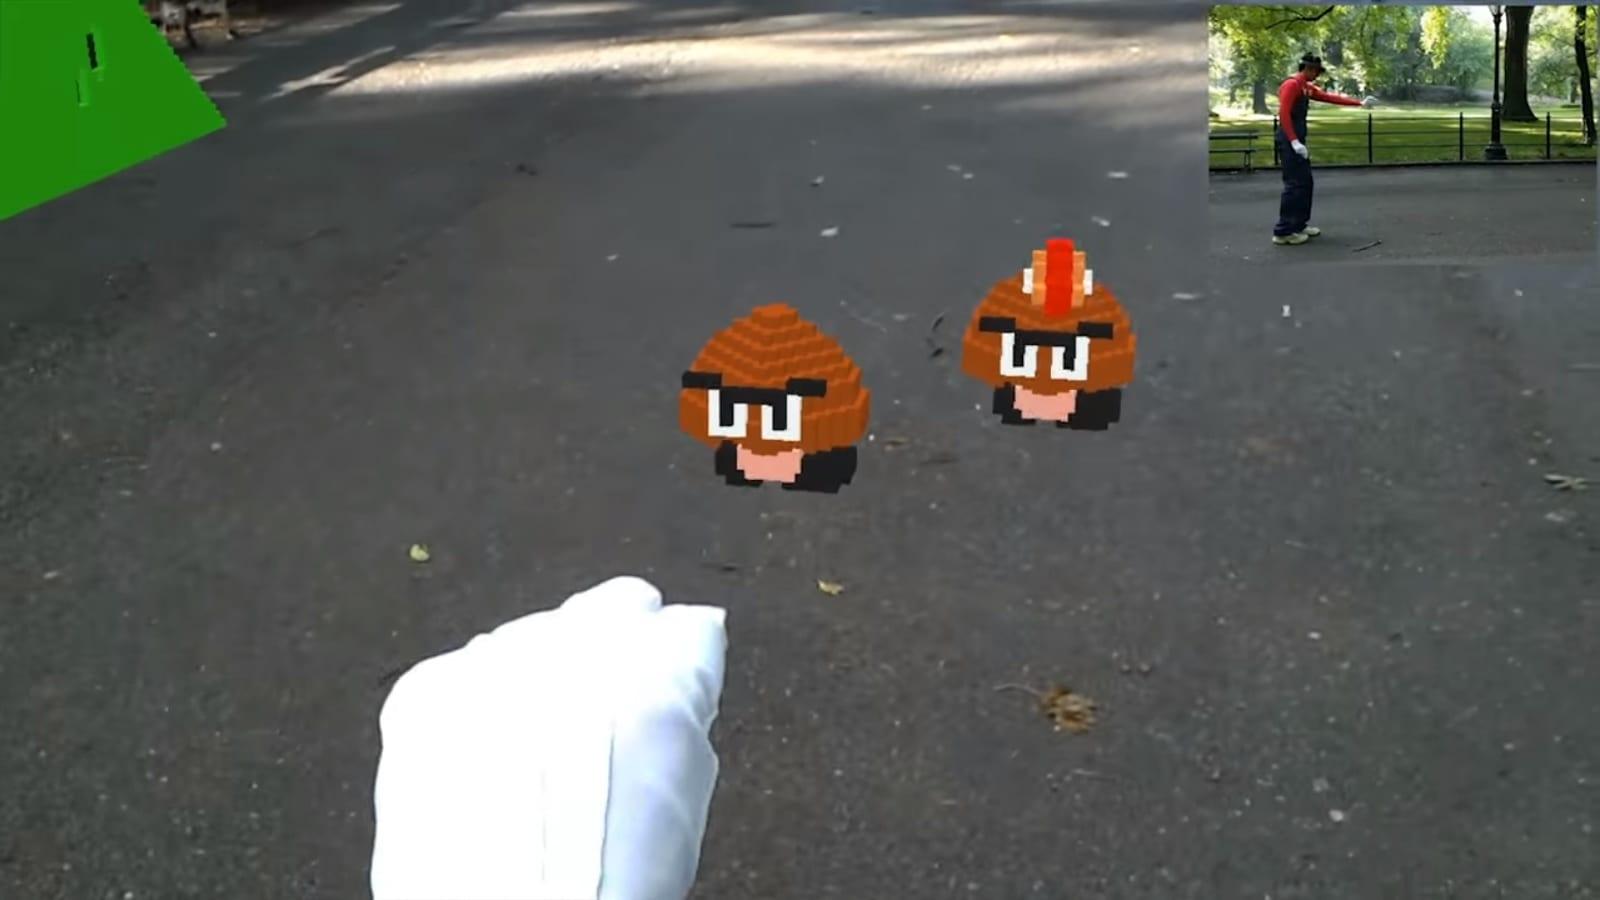 Vídeo mostra como é jogar 'Super Mario' com realidade aumentada